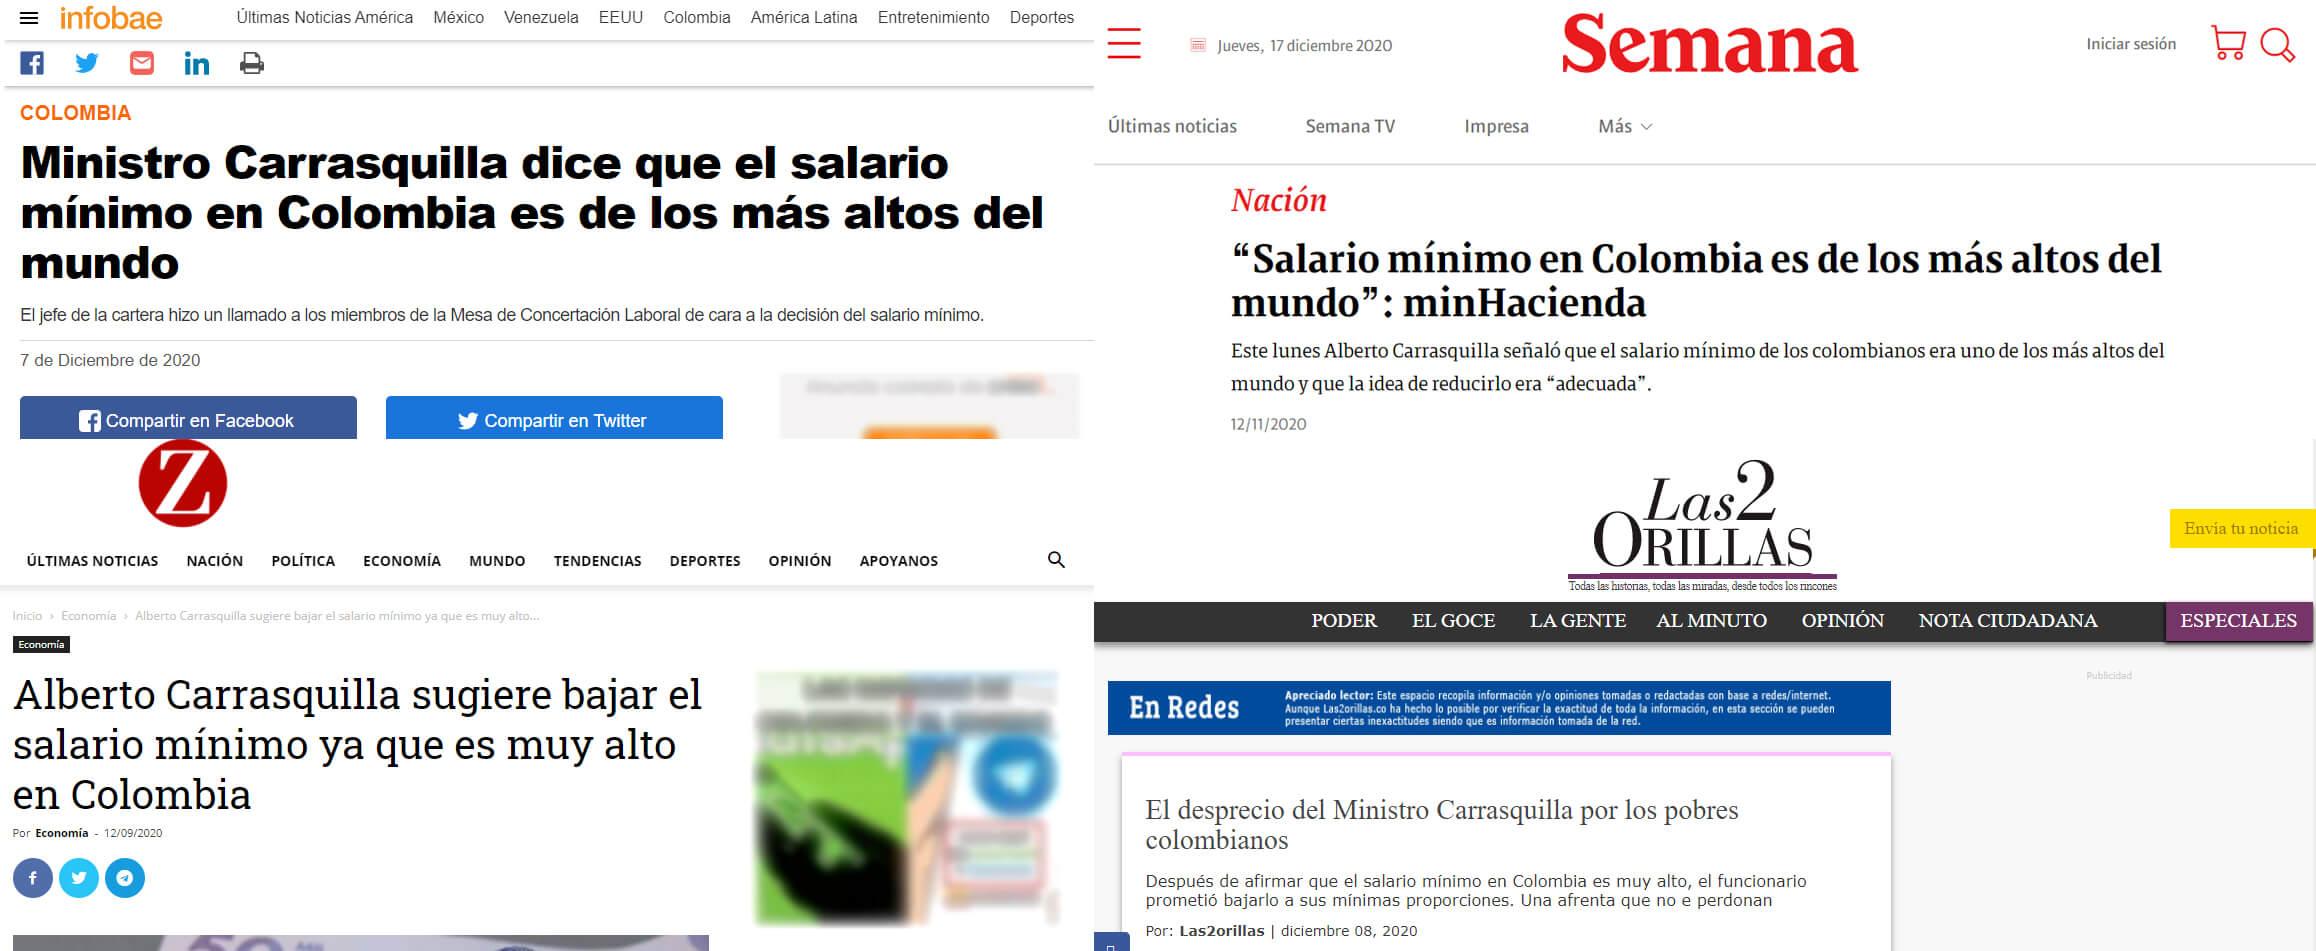 Titulares sobre la frase de Carrasquilla con respecto al salario mínimo